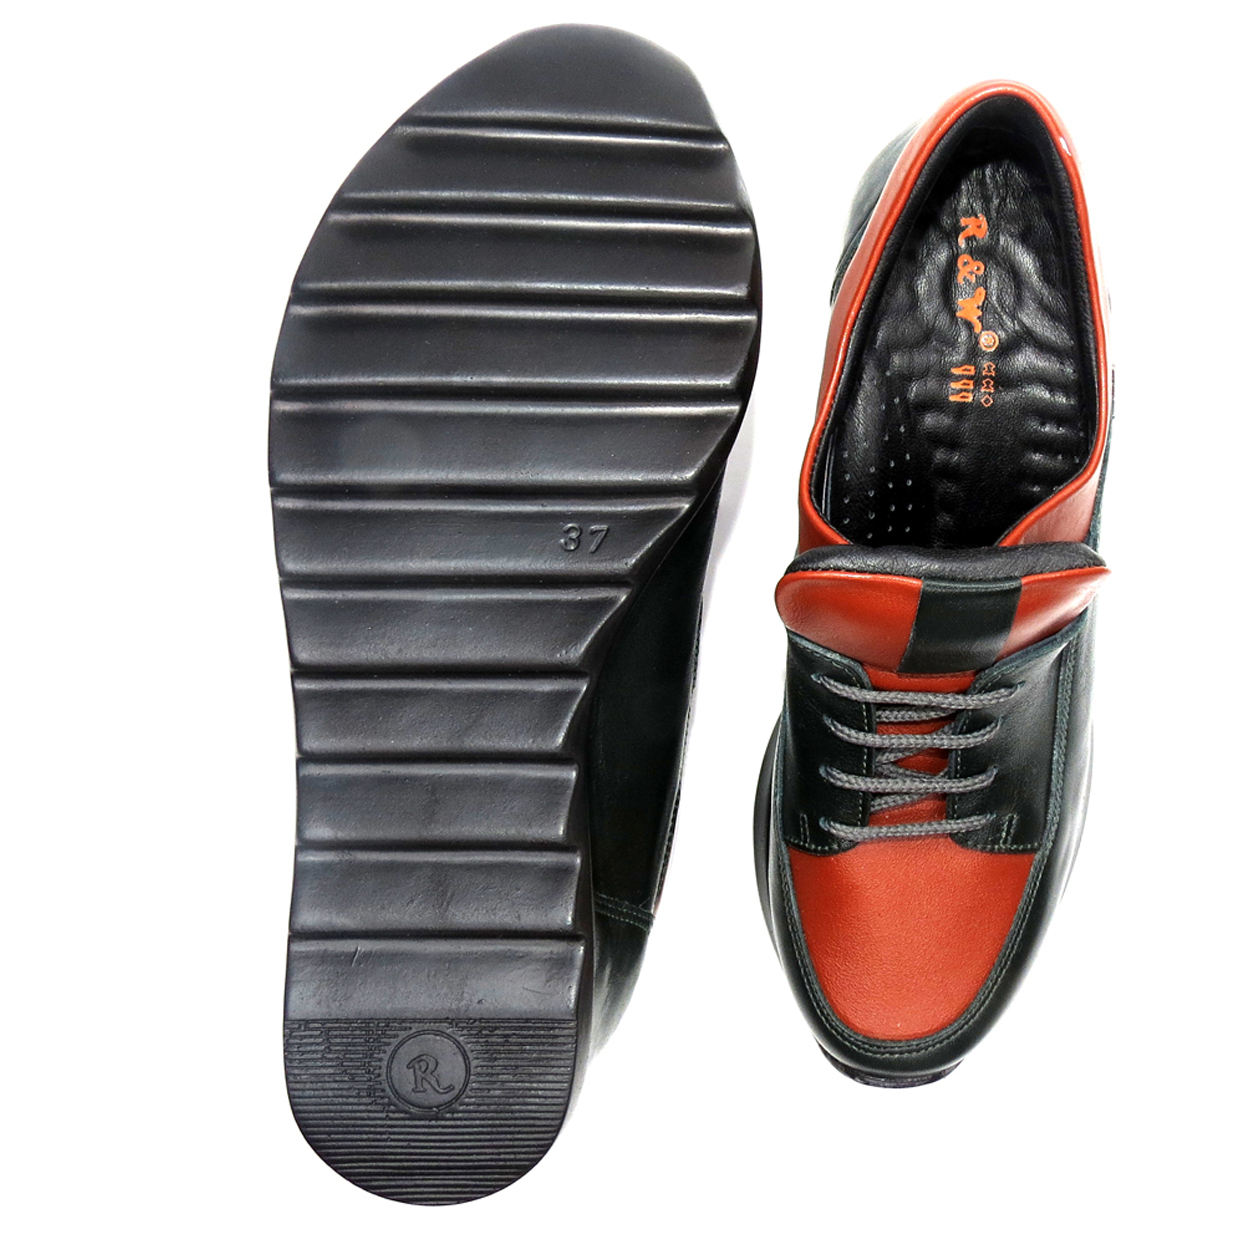 کفش روزمره زنانه آر اند دبلیو مدل 416 رنگ یشمی -  - 5